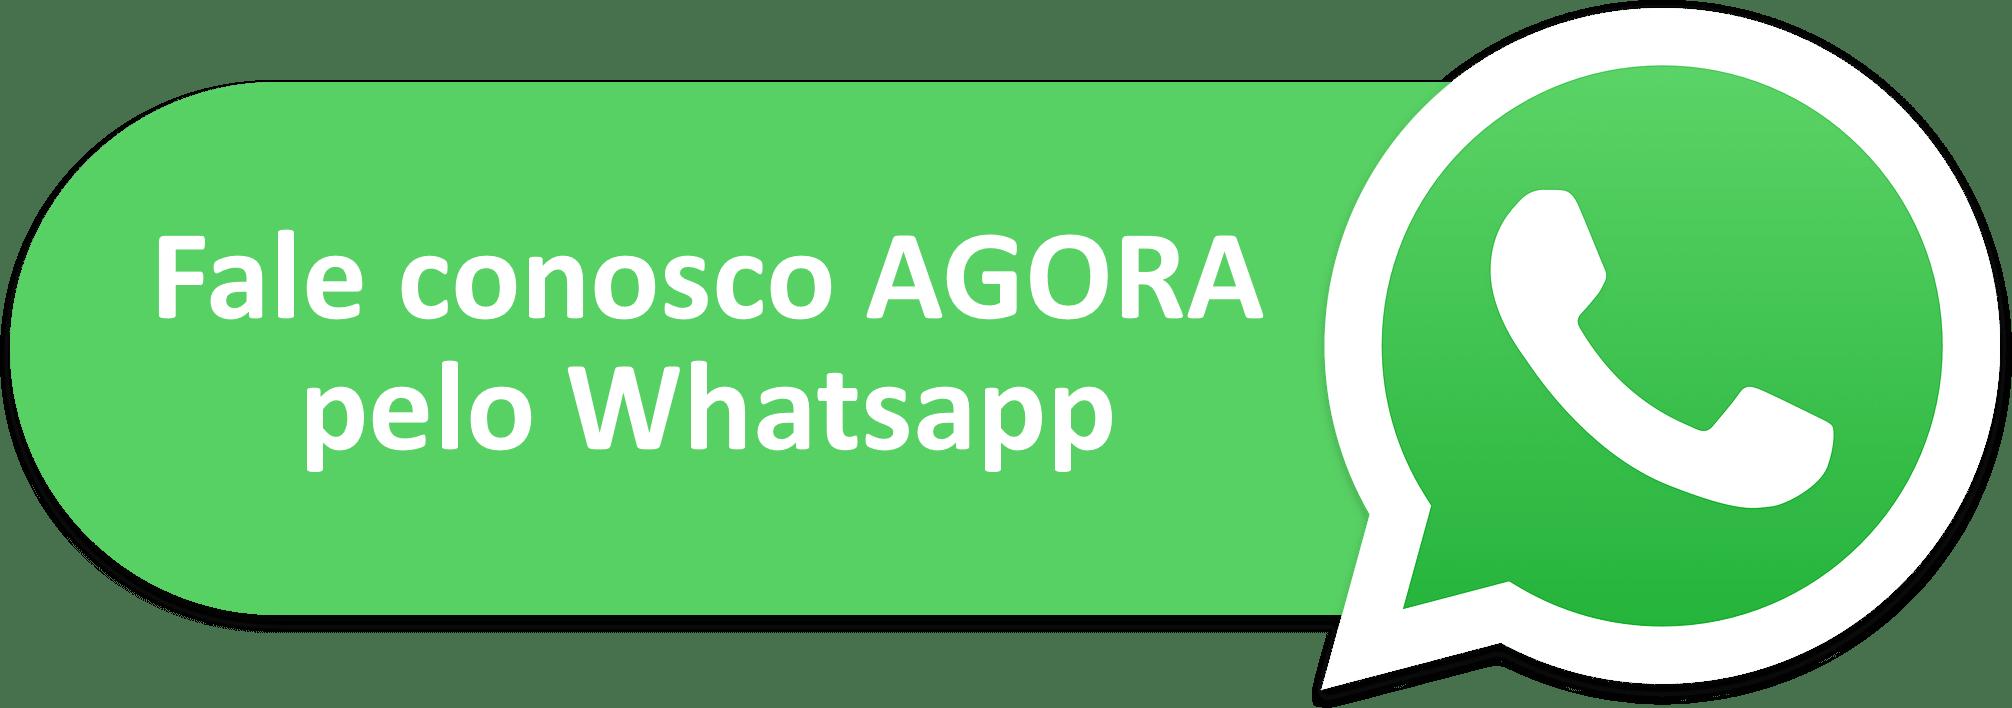 Fale conosco AGORA pelo Whatsapp